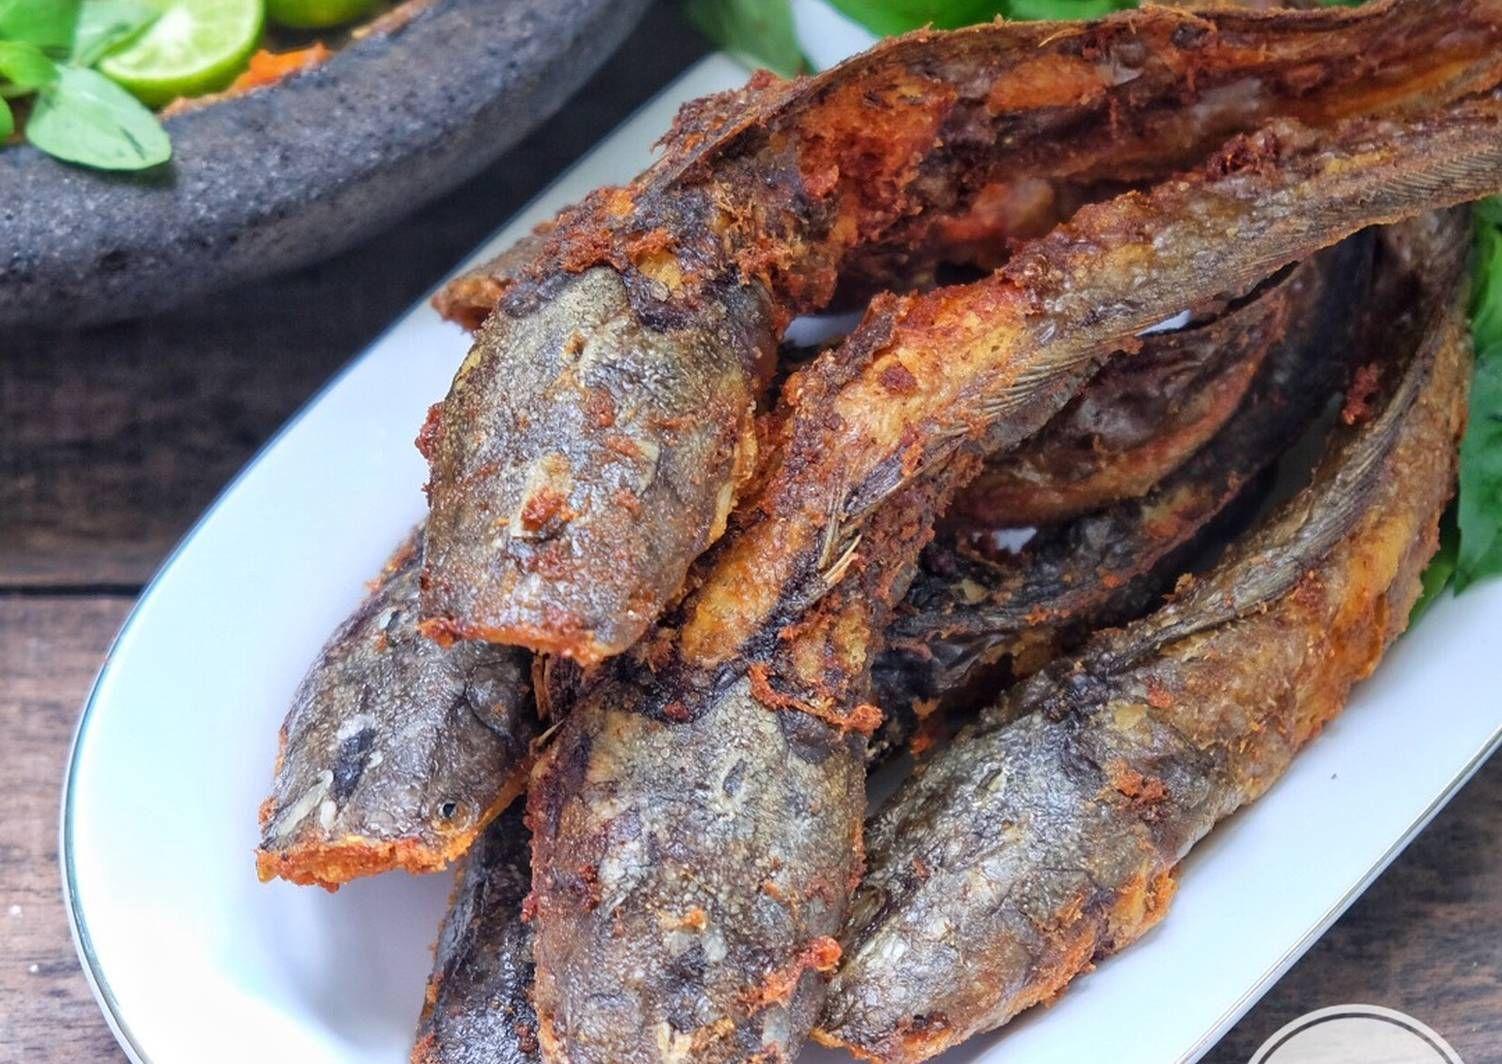 Resep Lele Goreng Tips Agar Garing Tidak Lengket Tidak Meletus Oleh Susi Agung Resep Resep Resep Ikan Resep Masakan Indonesia